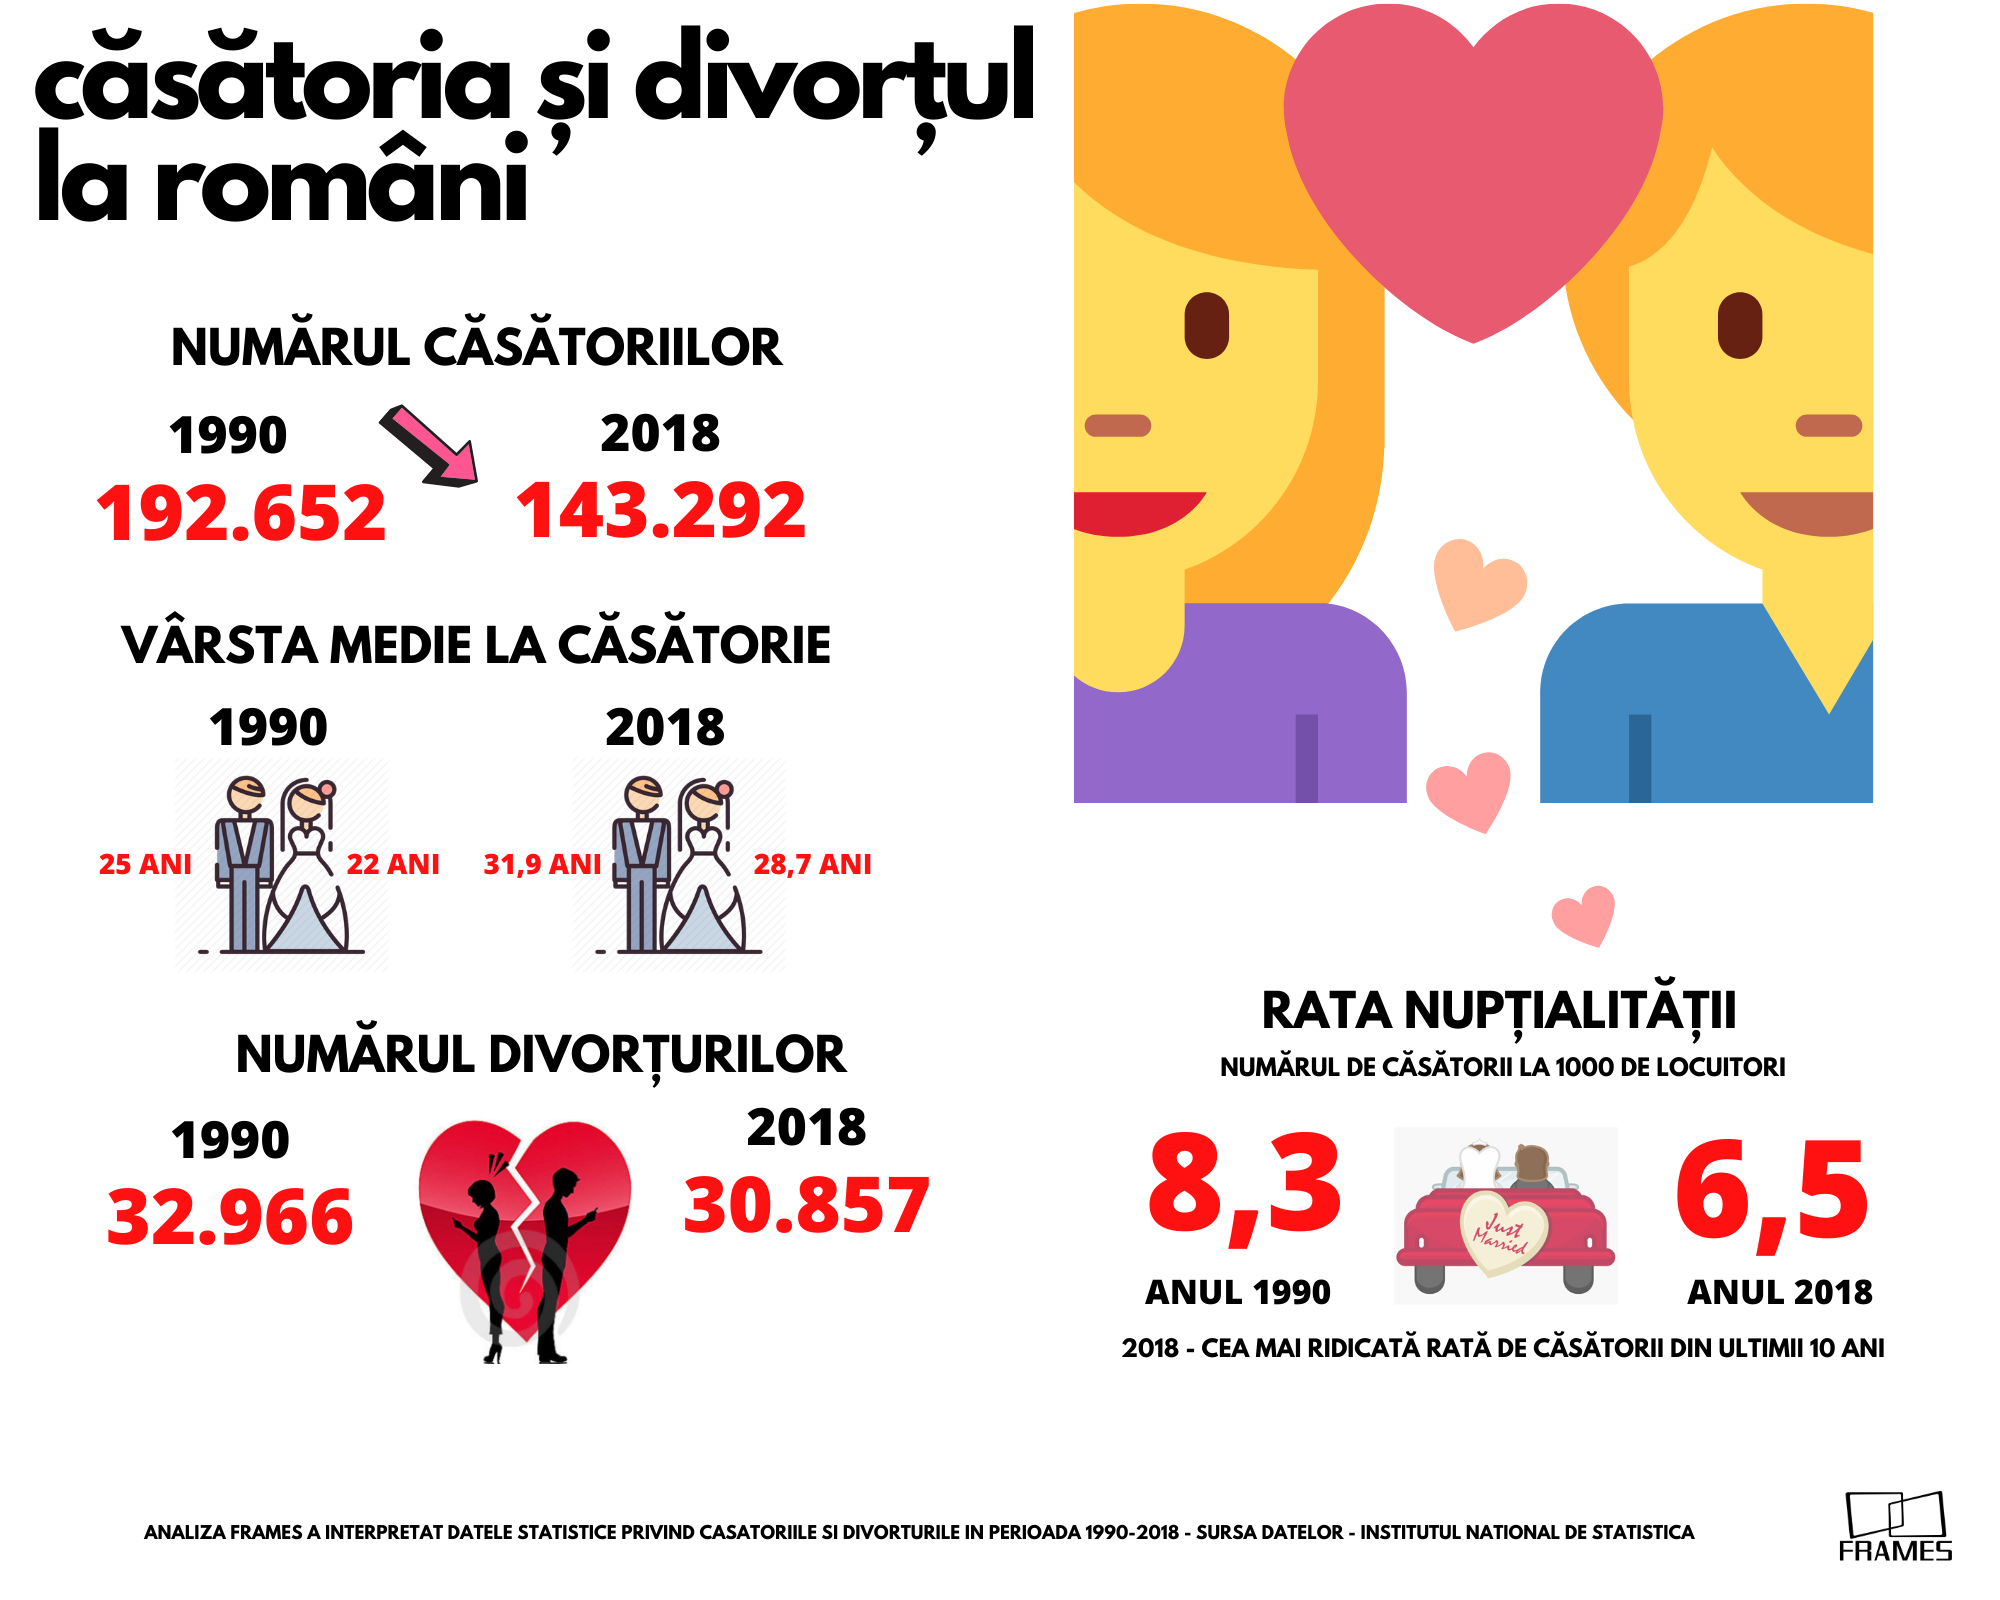 Valentine's Day 2020. Românii se căsătoresc mai târziu și divorțează mai greu